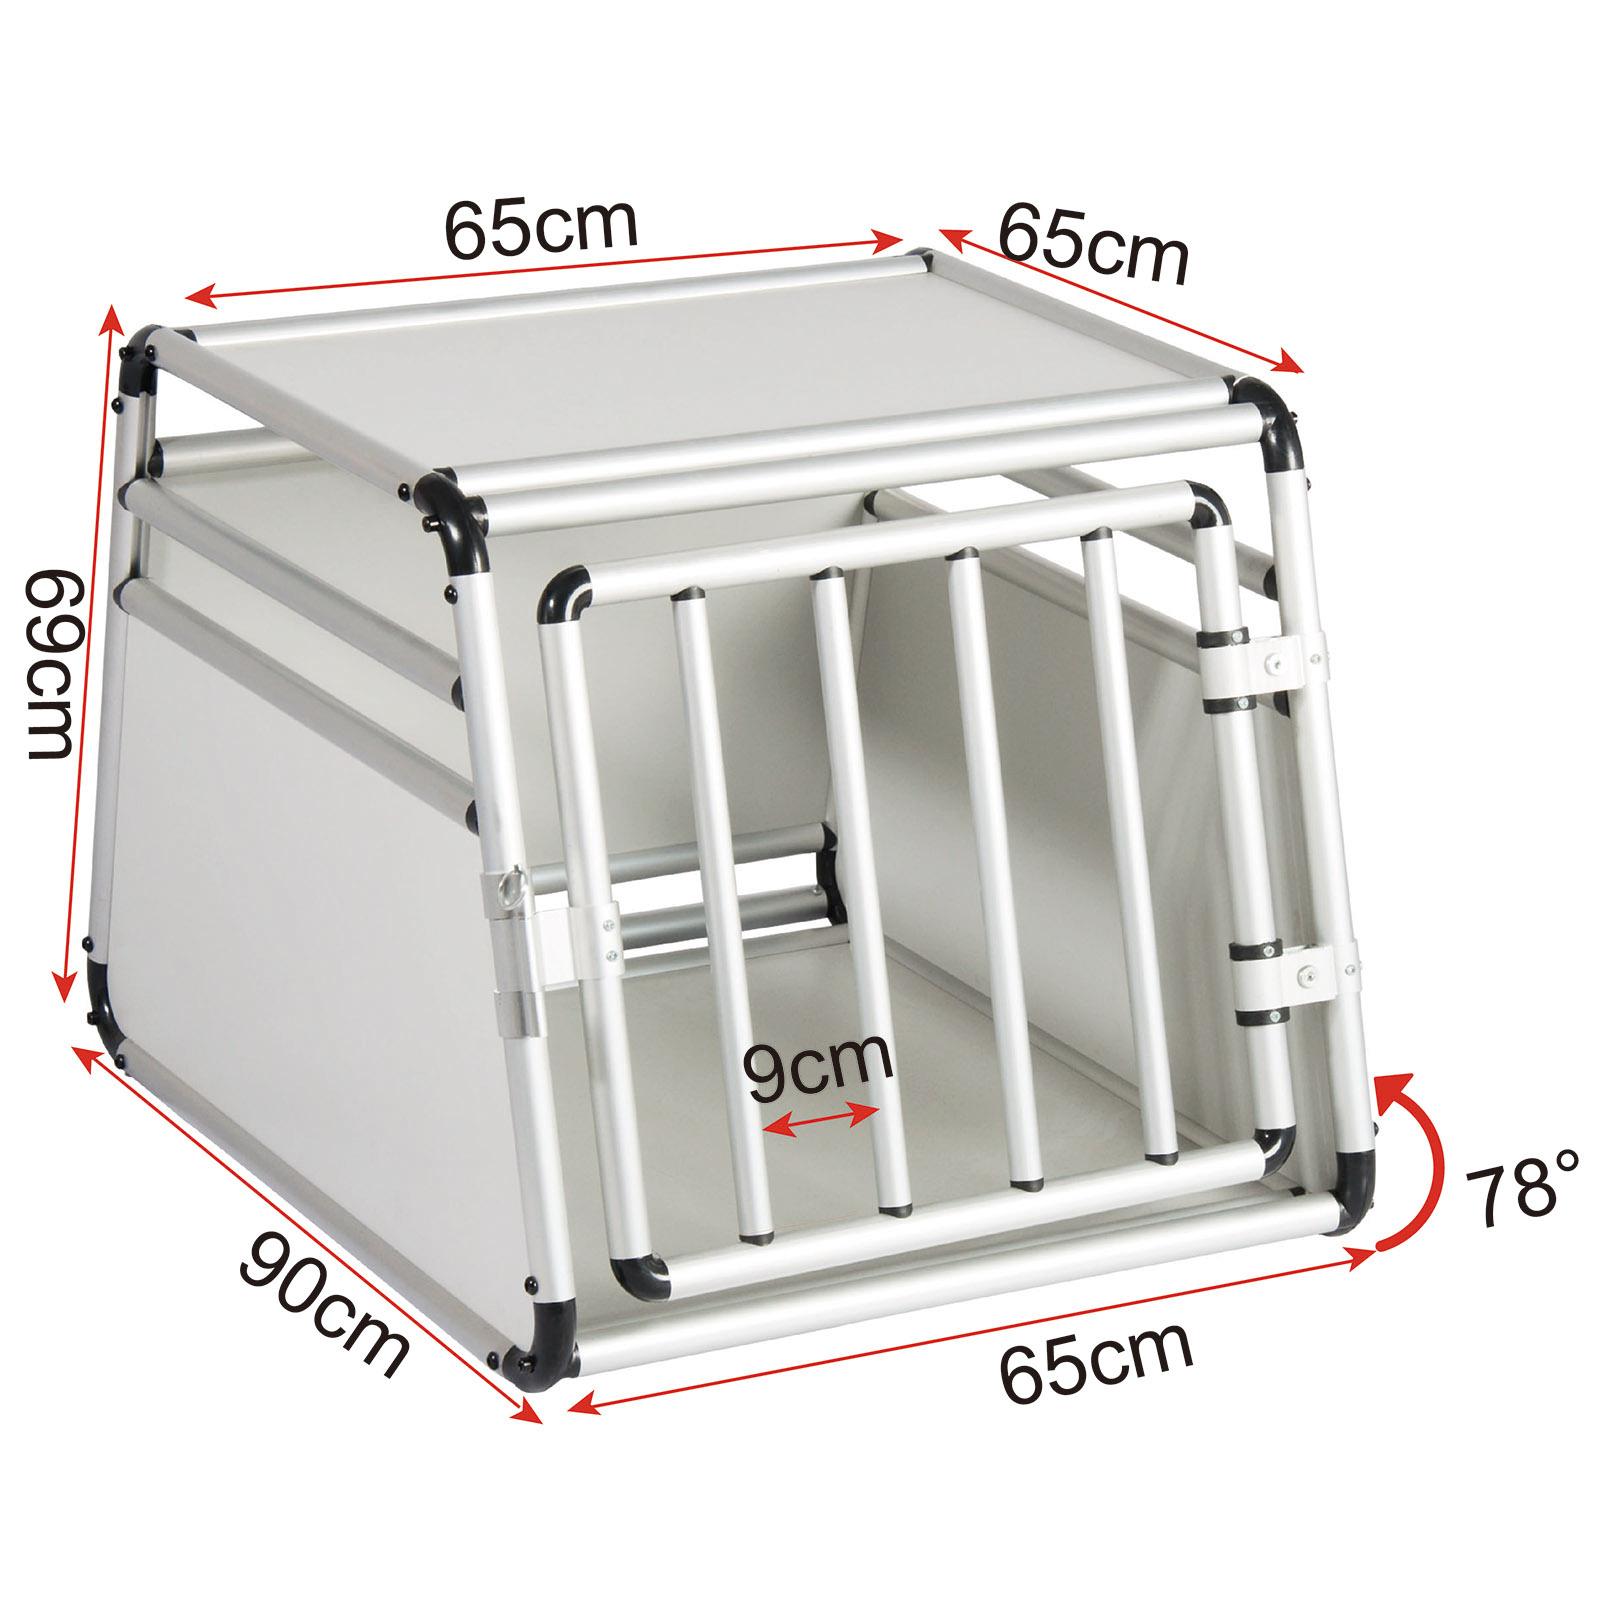 hundebox alubox autotransportbox hund transportbox. Black Bedroom Furniture Sets. Home Design Ideas